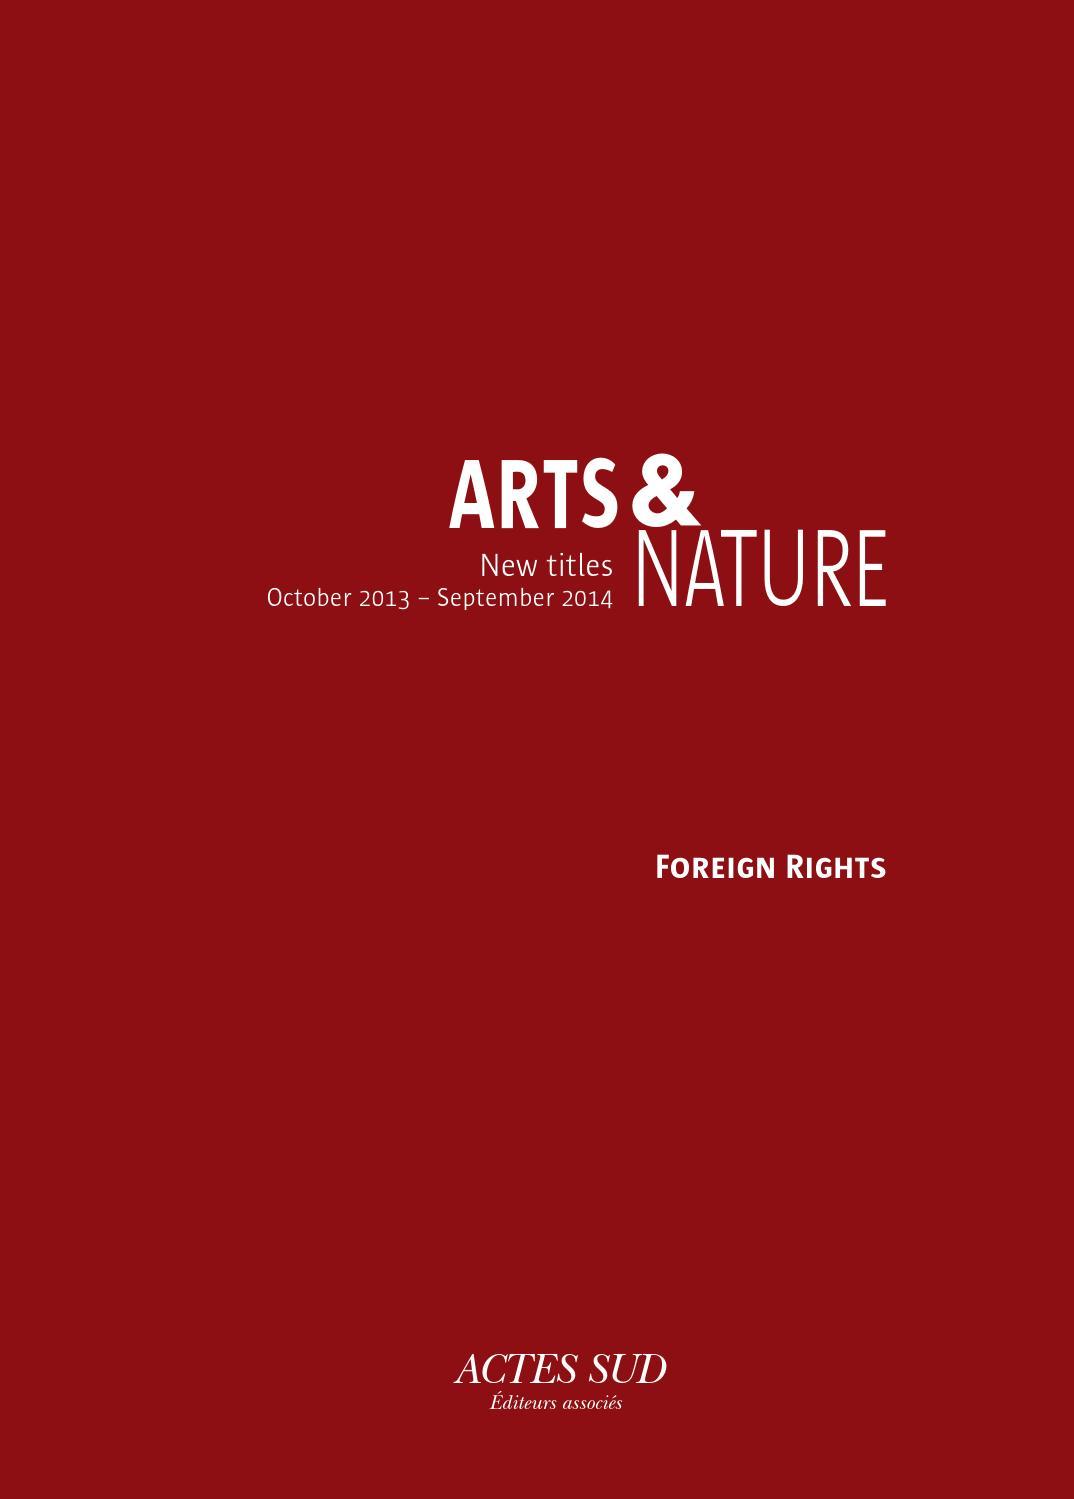 Imprimerie De L Ouest Parisien catalog 2014 arts and nature – foreign rightsactes sud